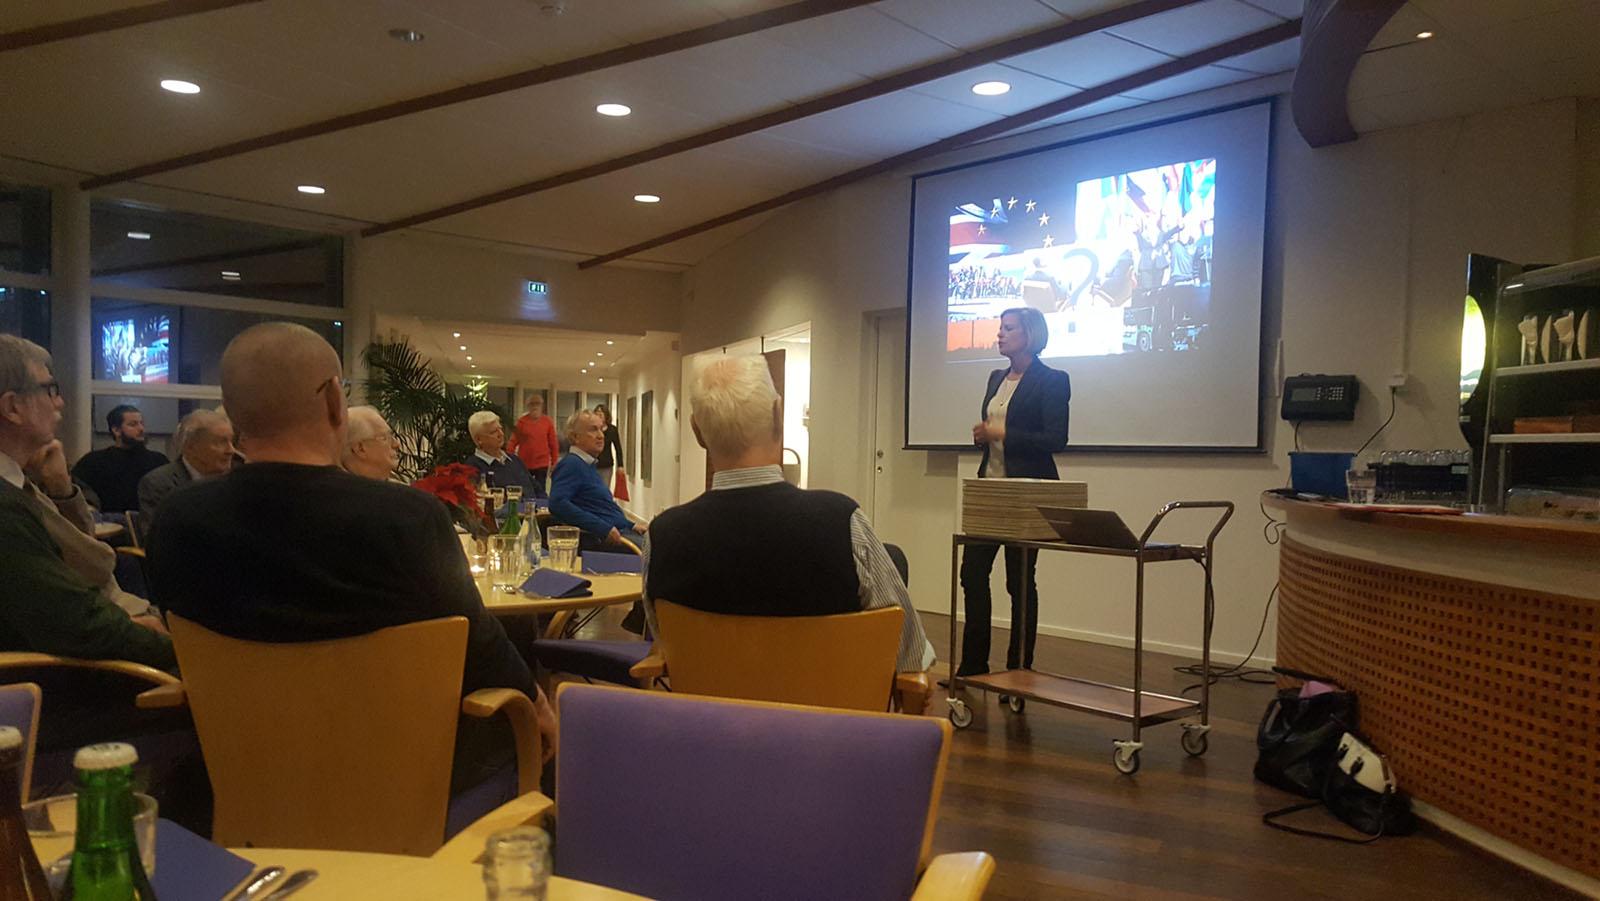 Anna Wieslander förklarade att Storbritannien agerar för att behålla Natos styrka, något som blir ännu viktigare efter Brexit. Foto: Lennart Ljungfelt.